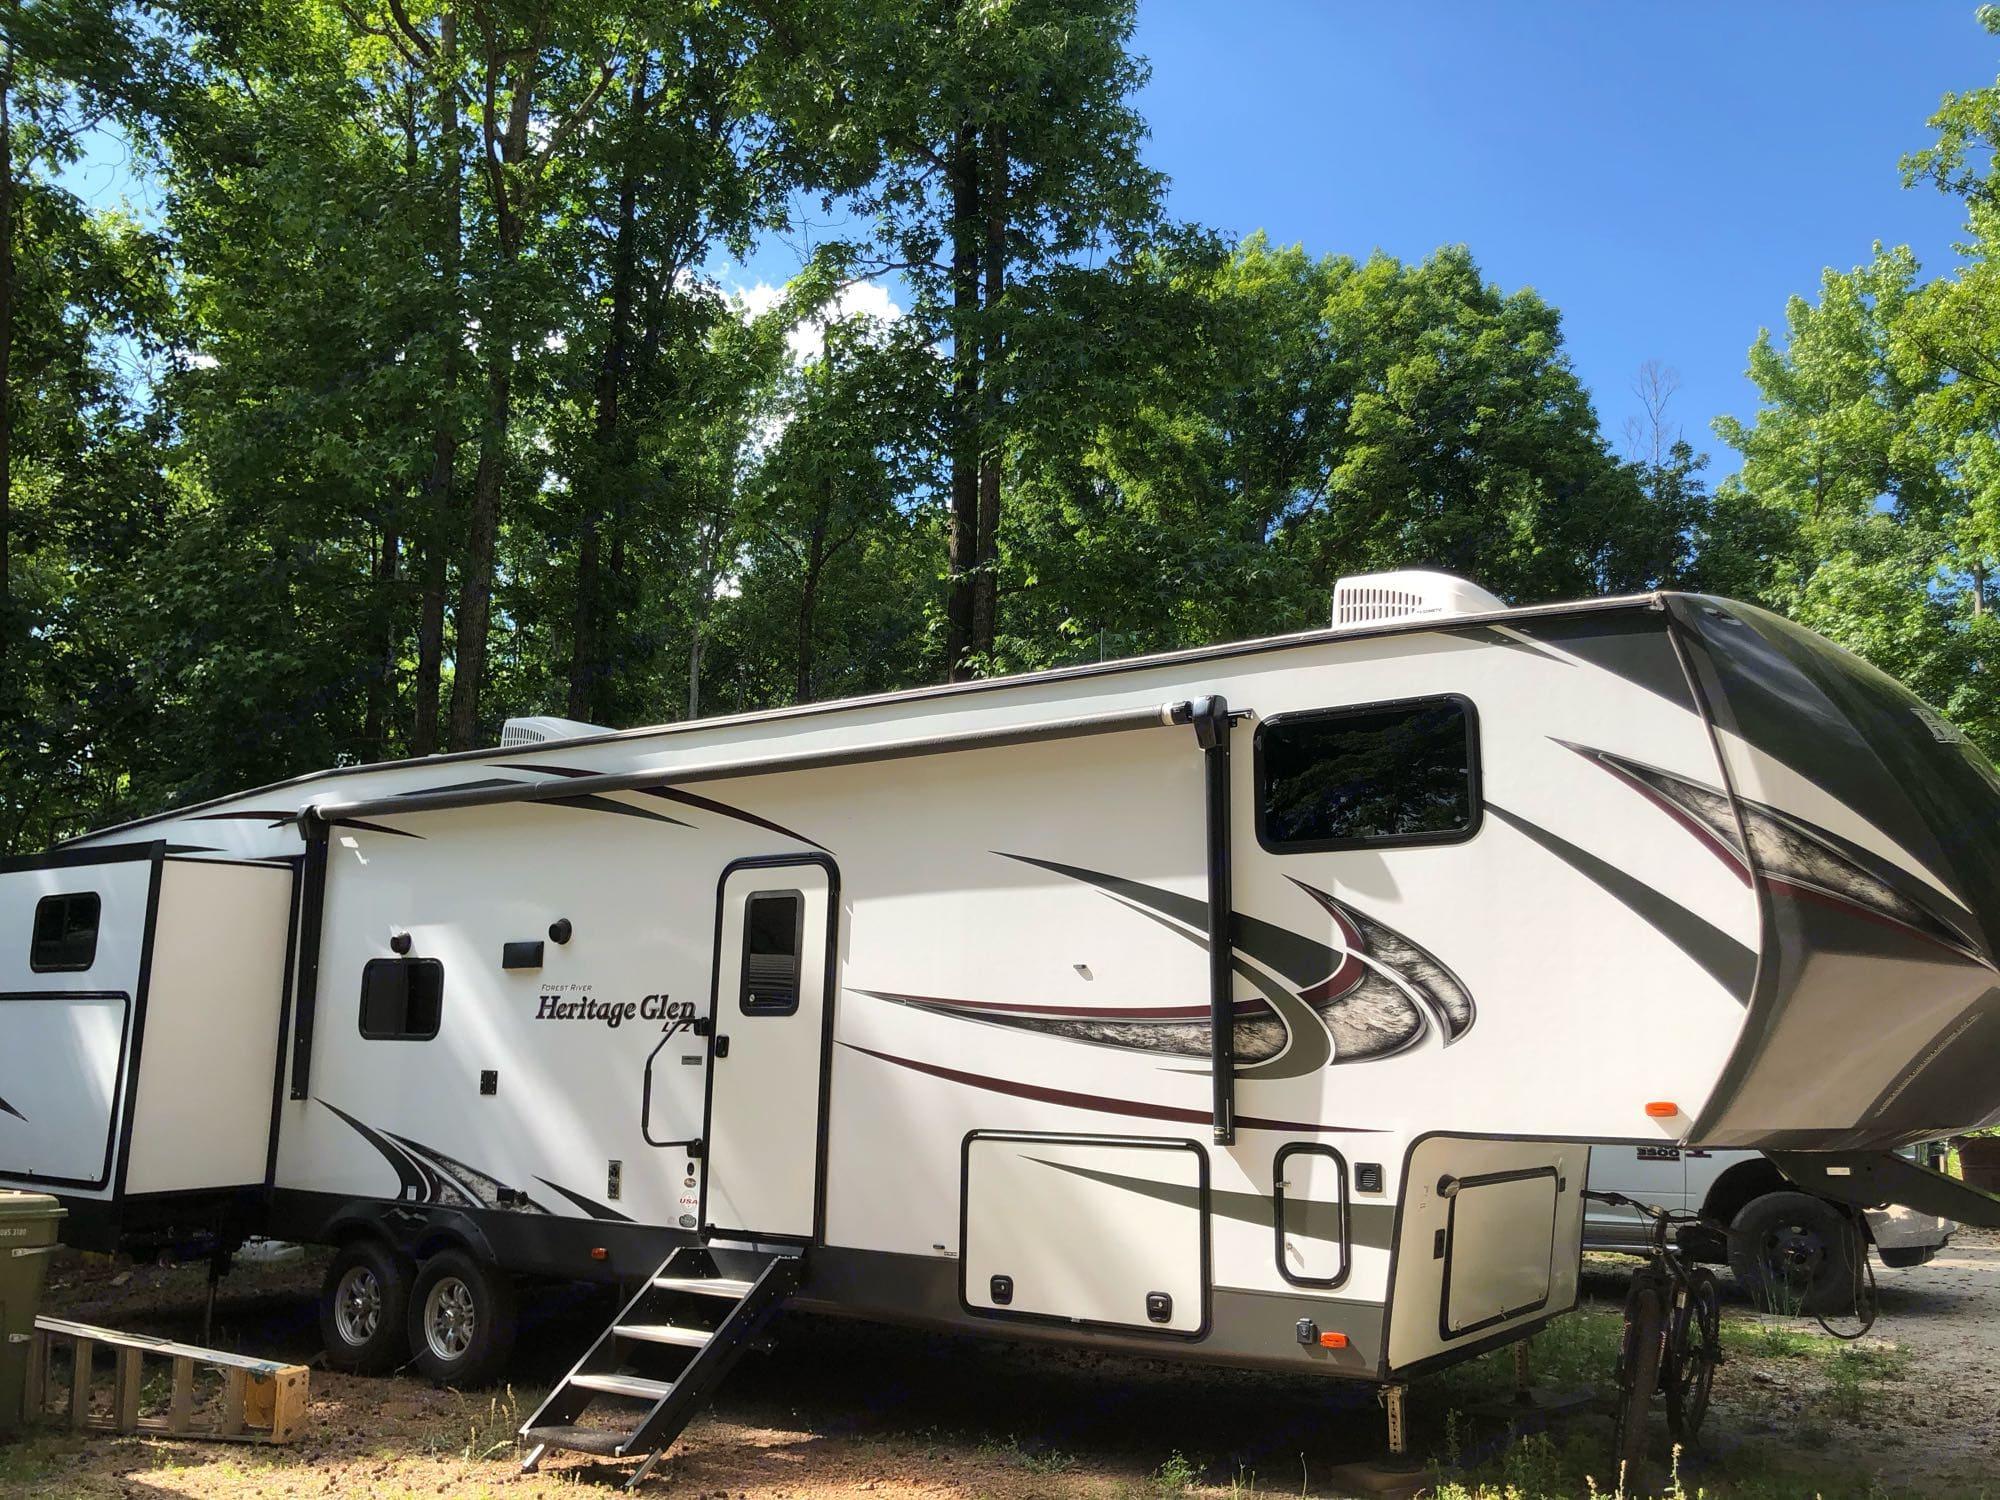 Forest River Heritage Glen Lite 2019